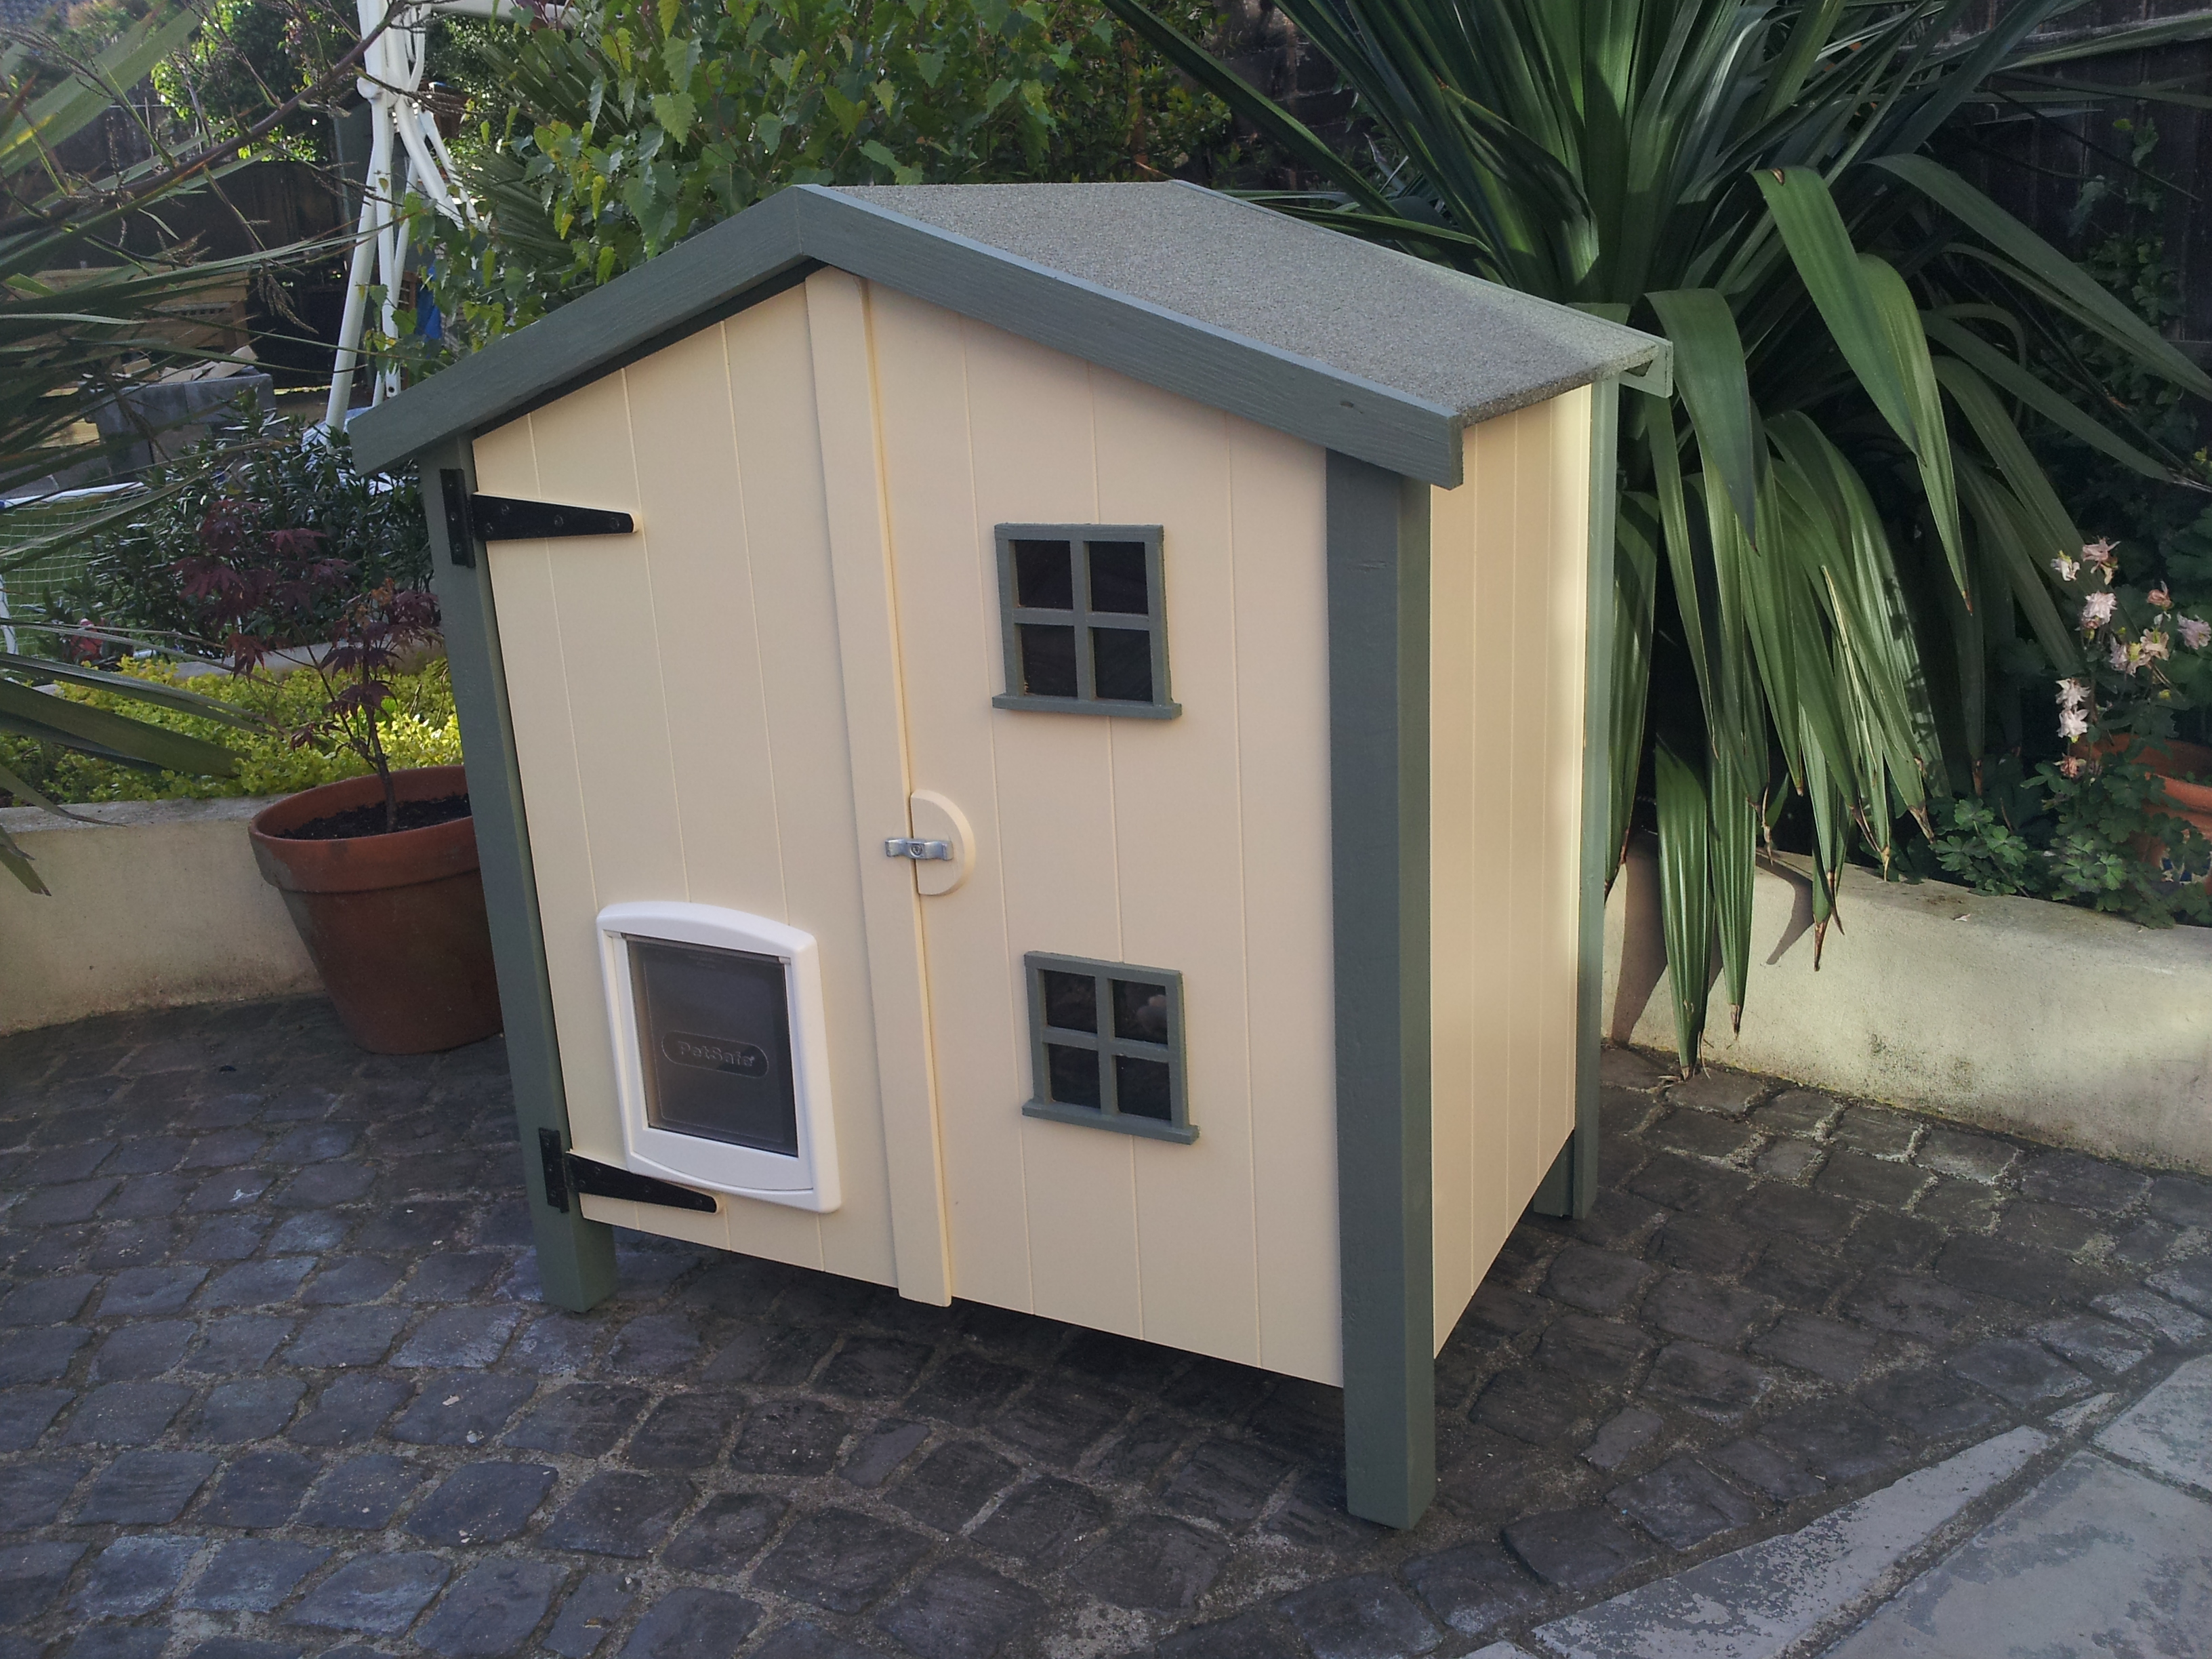 House No Cat Flap